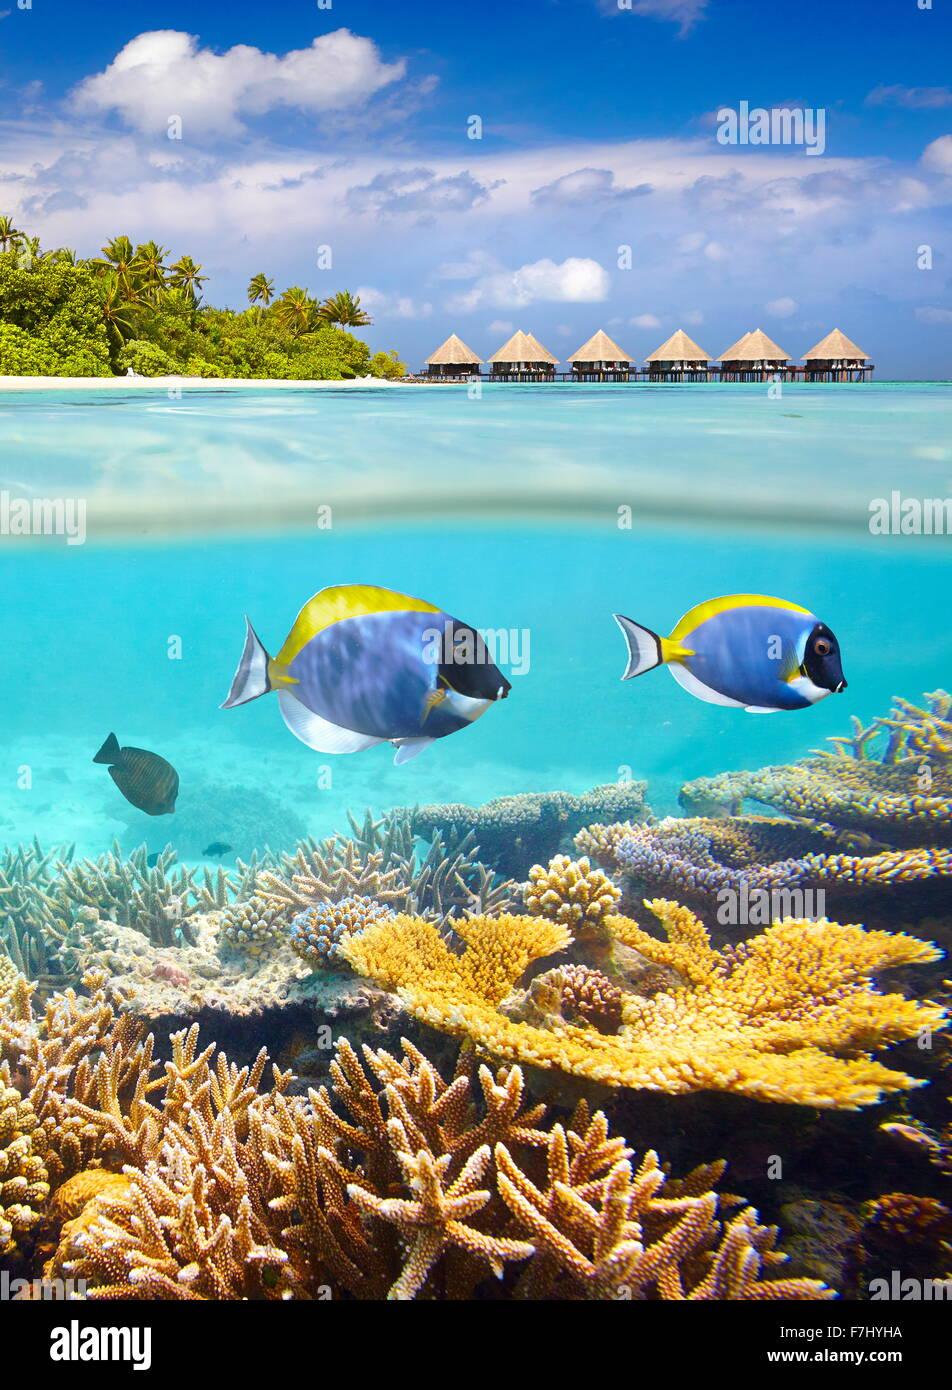 Islas Maldivas - vista submarina tropical con peces y coral Imagen De Stock